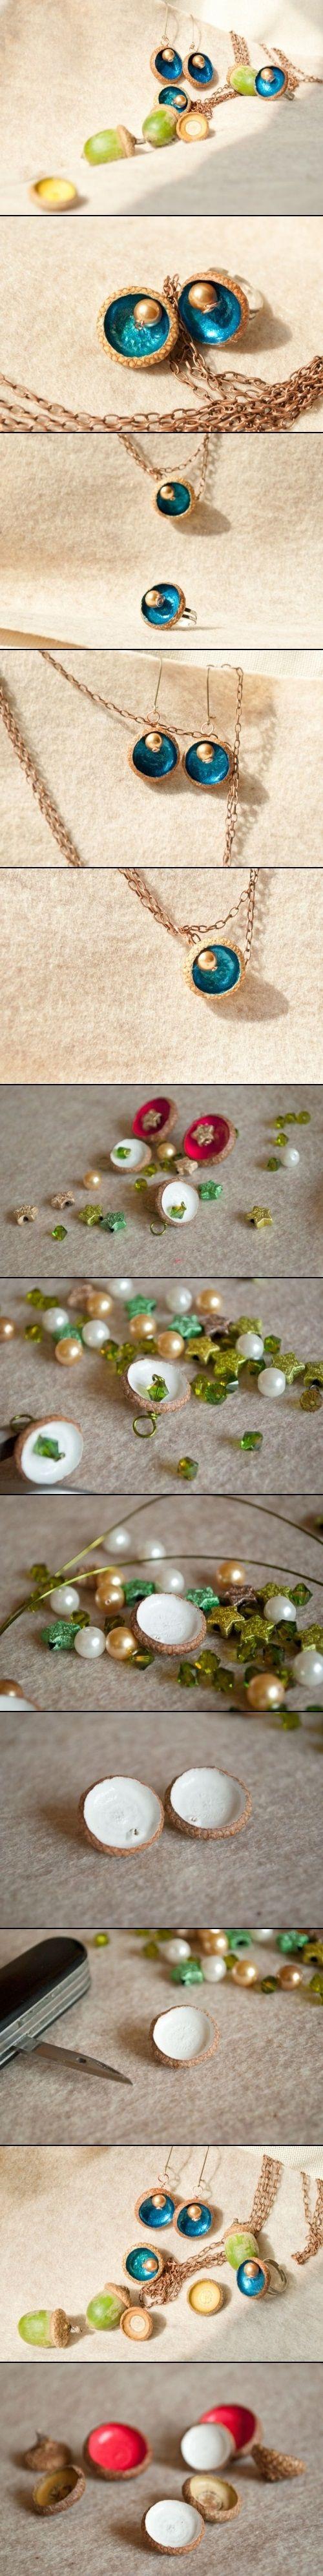 DIY collar de bellotas